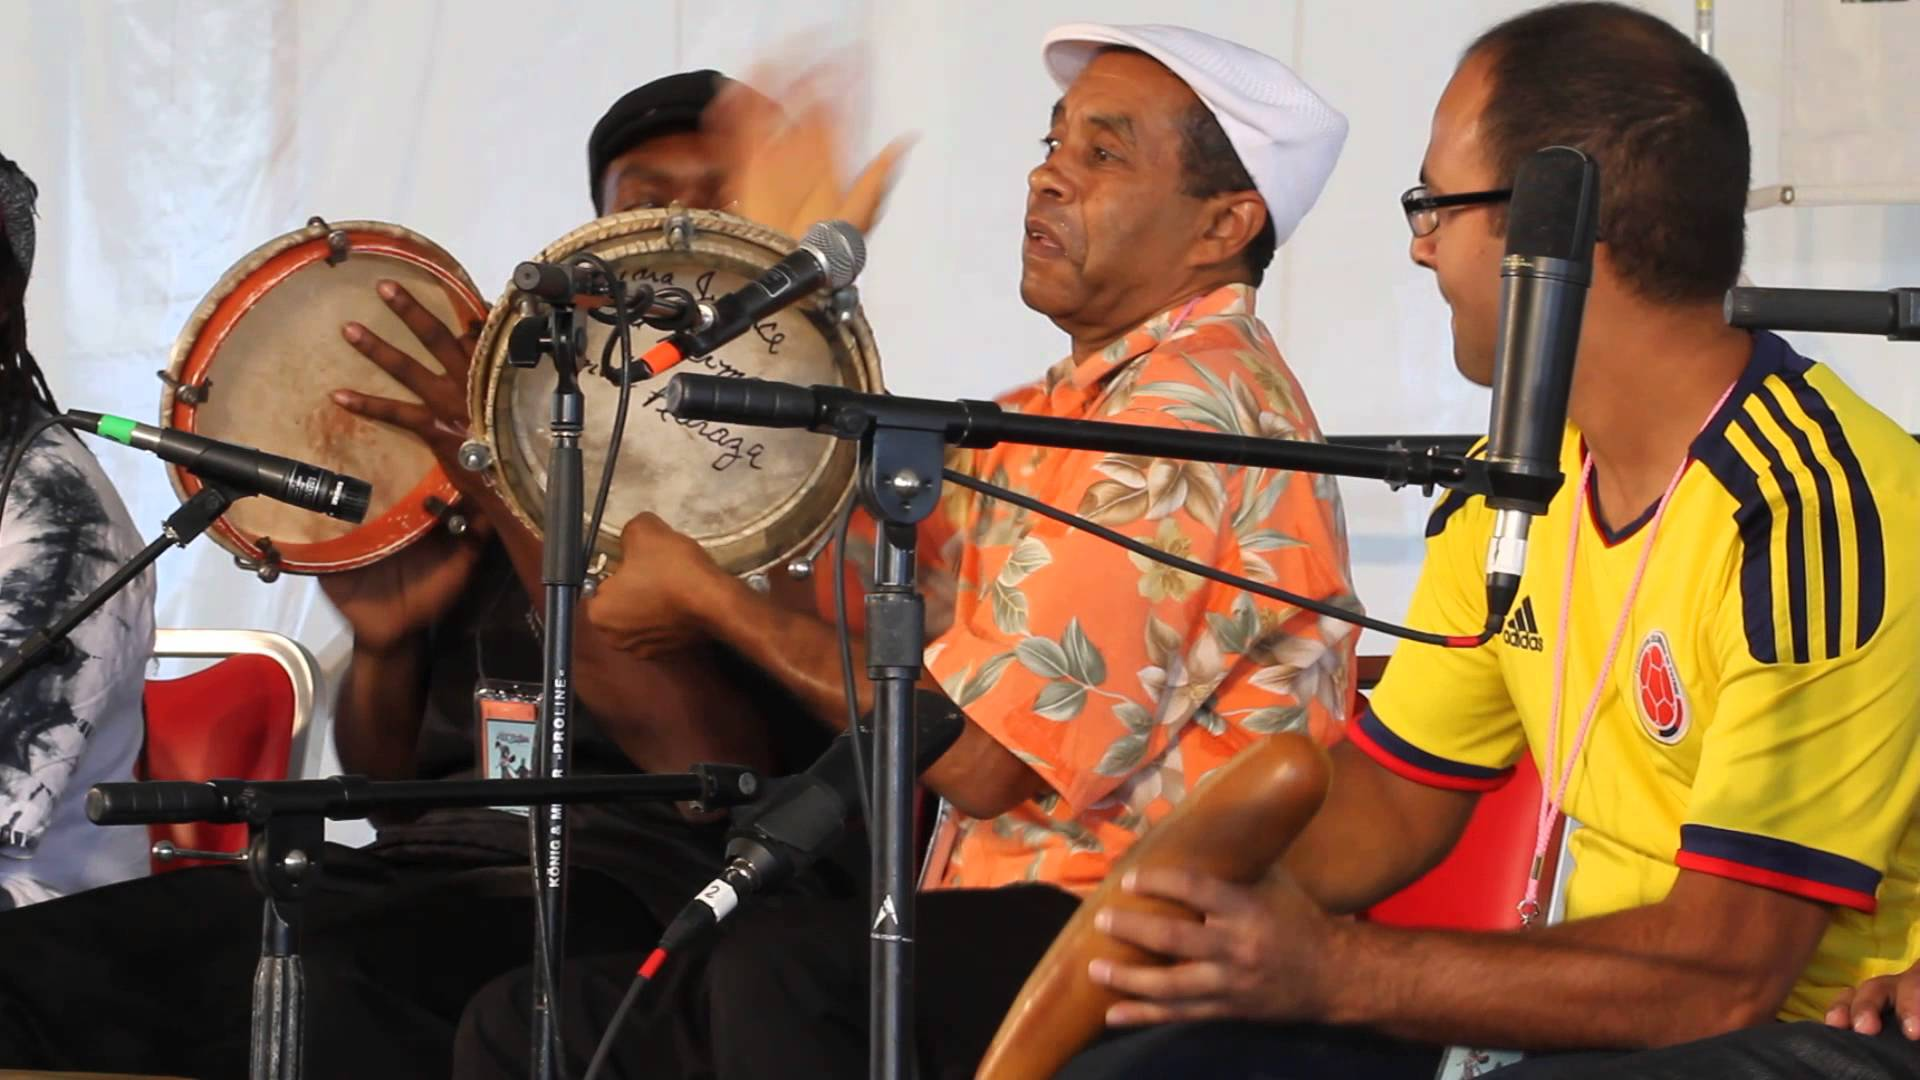 Jorge Arce, músico boricua radicado en Nueva Inglaterra, interpreta ritmos tradicionales puertorriqueños